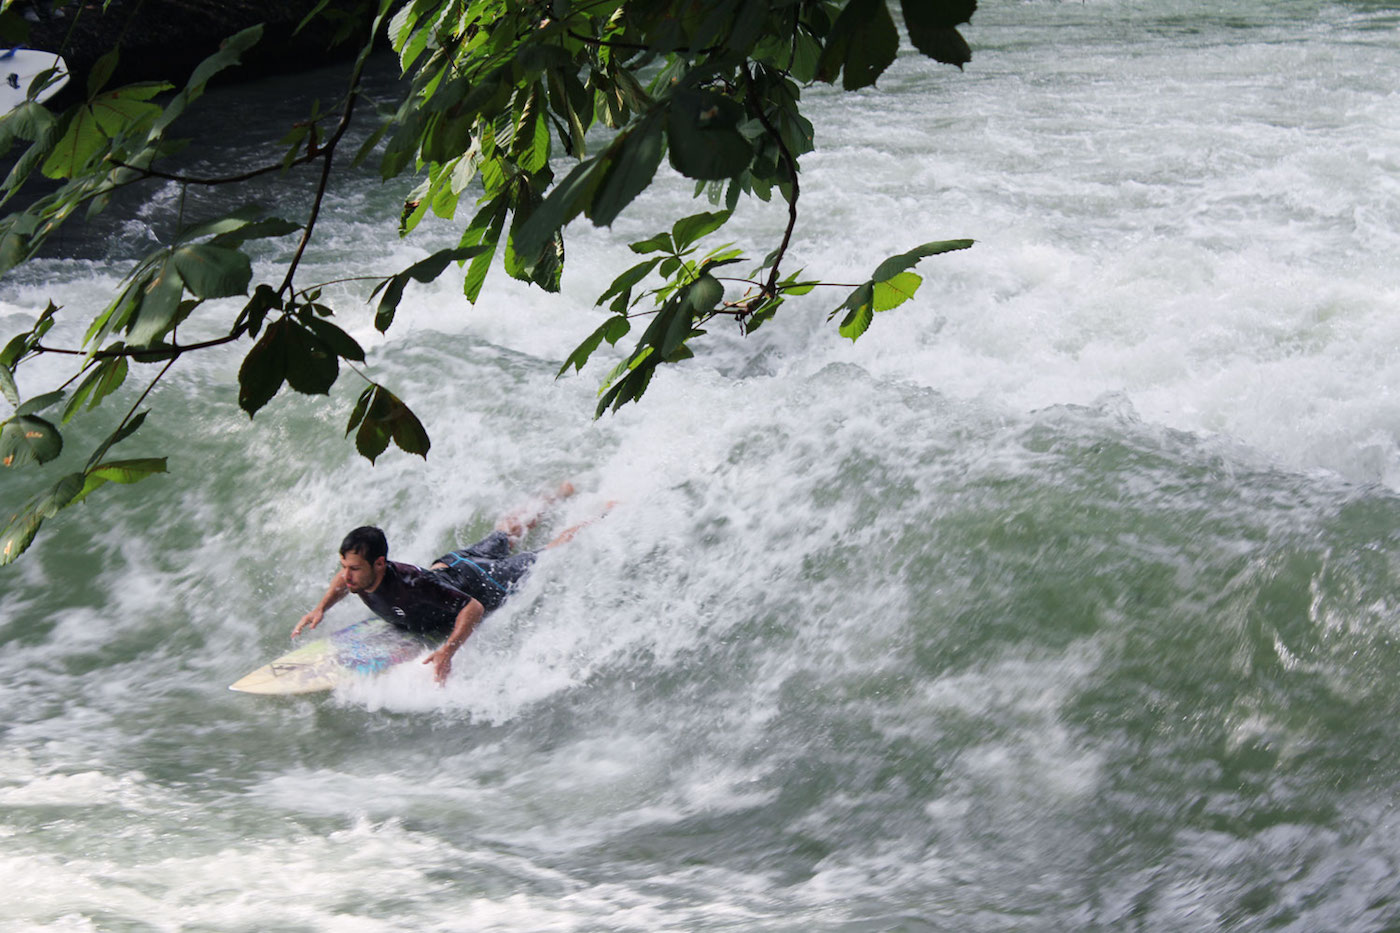 Englischer-Garten surfen Munchen bezienswaardigheden hotspots